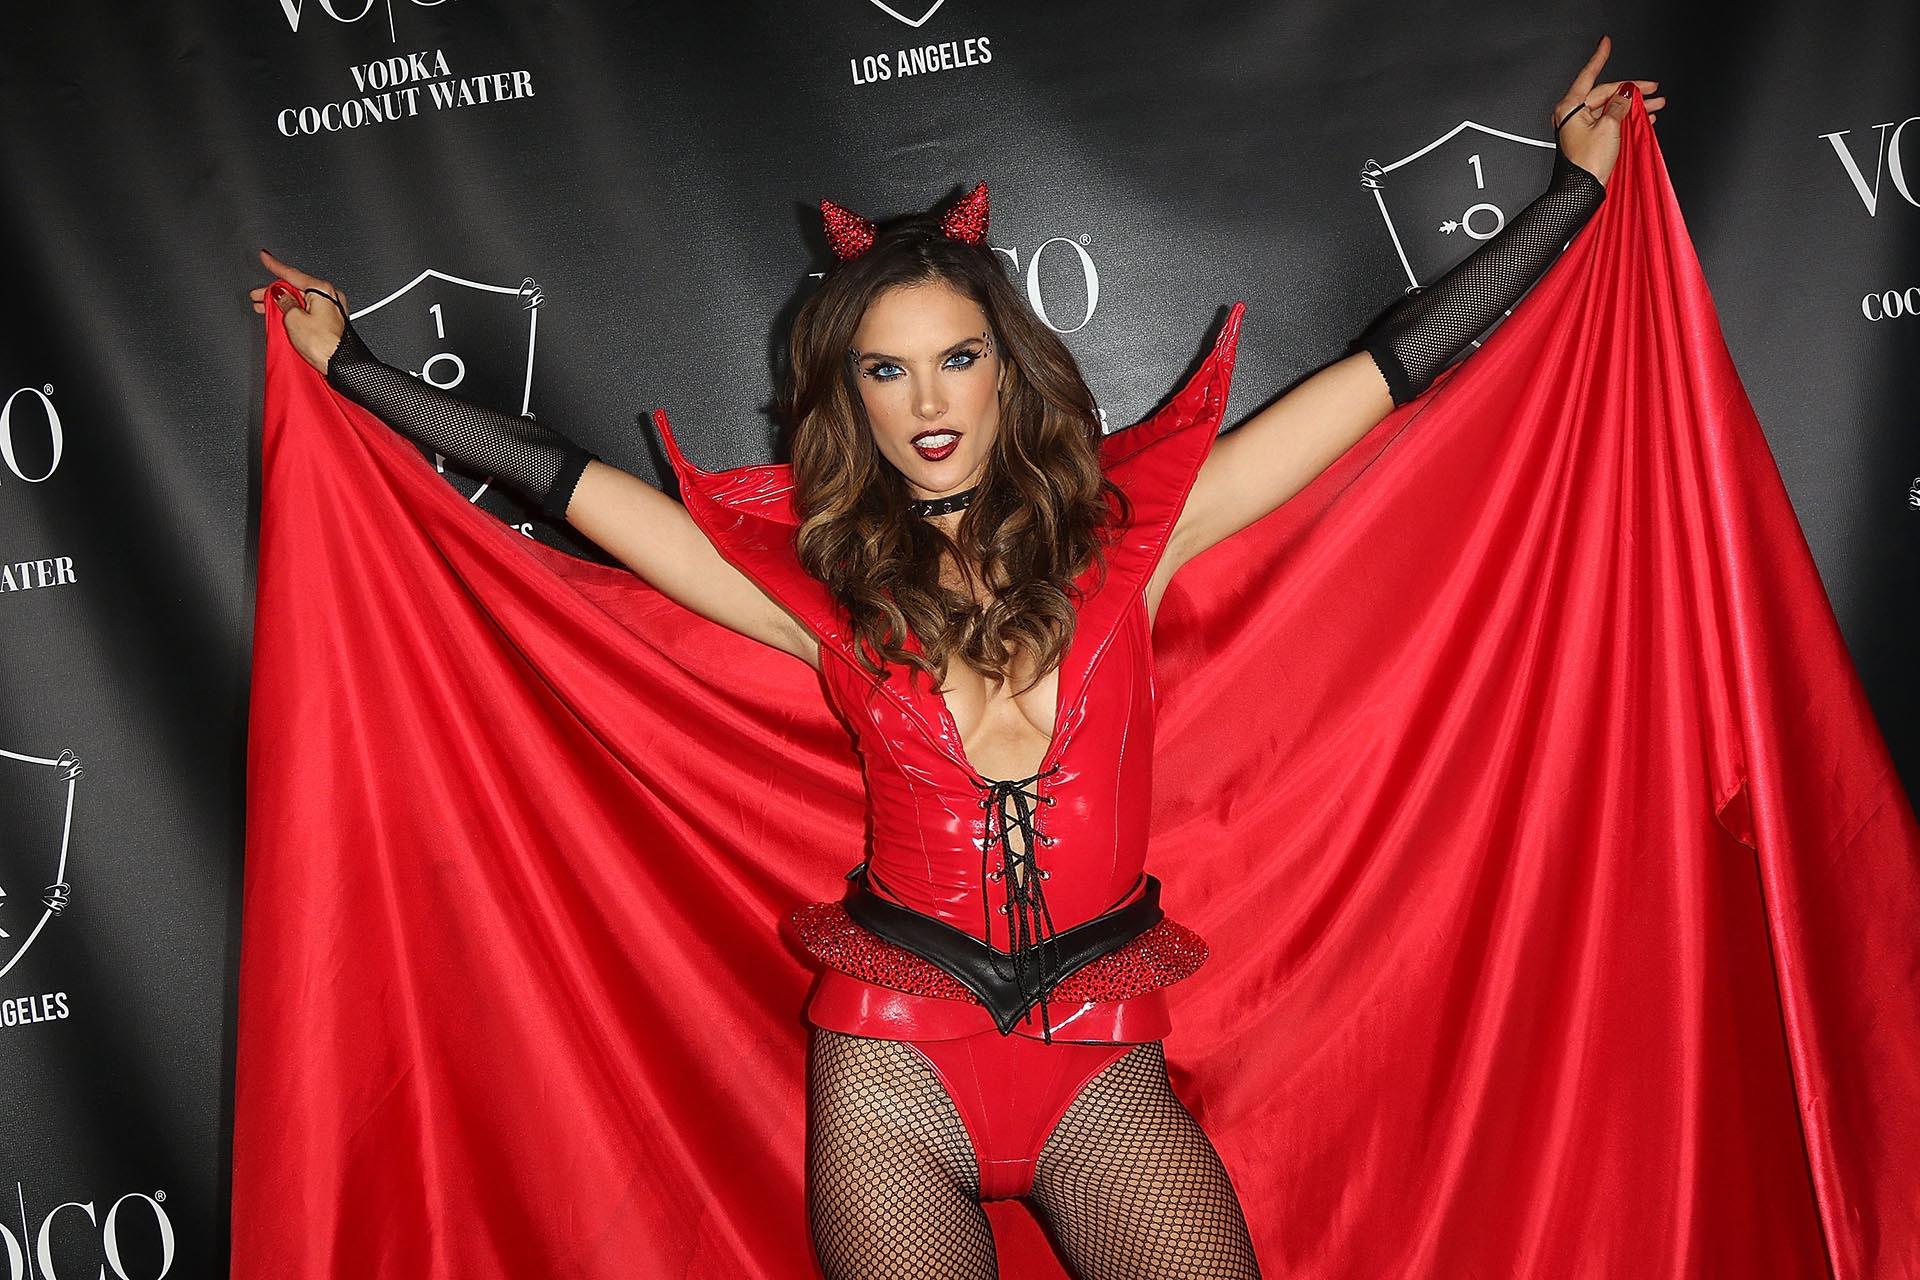 La hermosa Alessandra Ambrosio apostó a un clásico de esta fecha sedujo con su propuesta sexy de diabla compuesta por capa y corsé rojo (Getty Images)